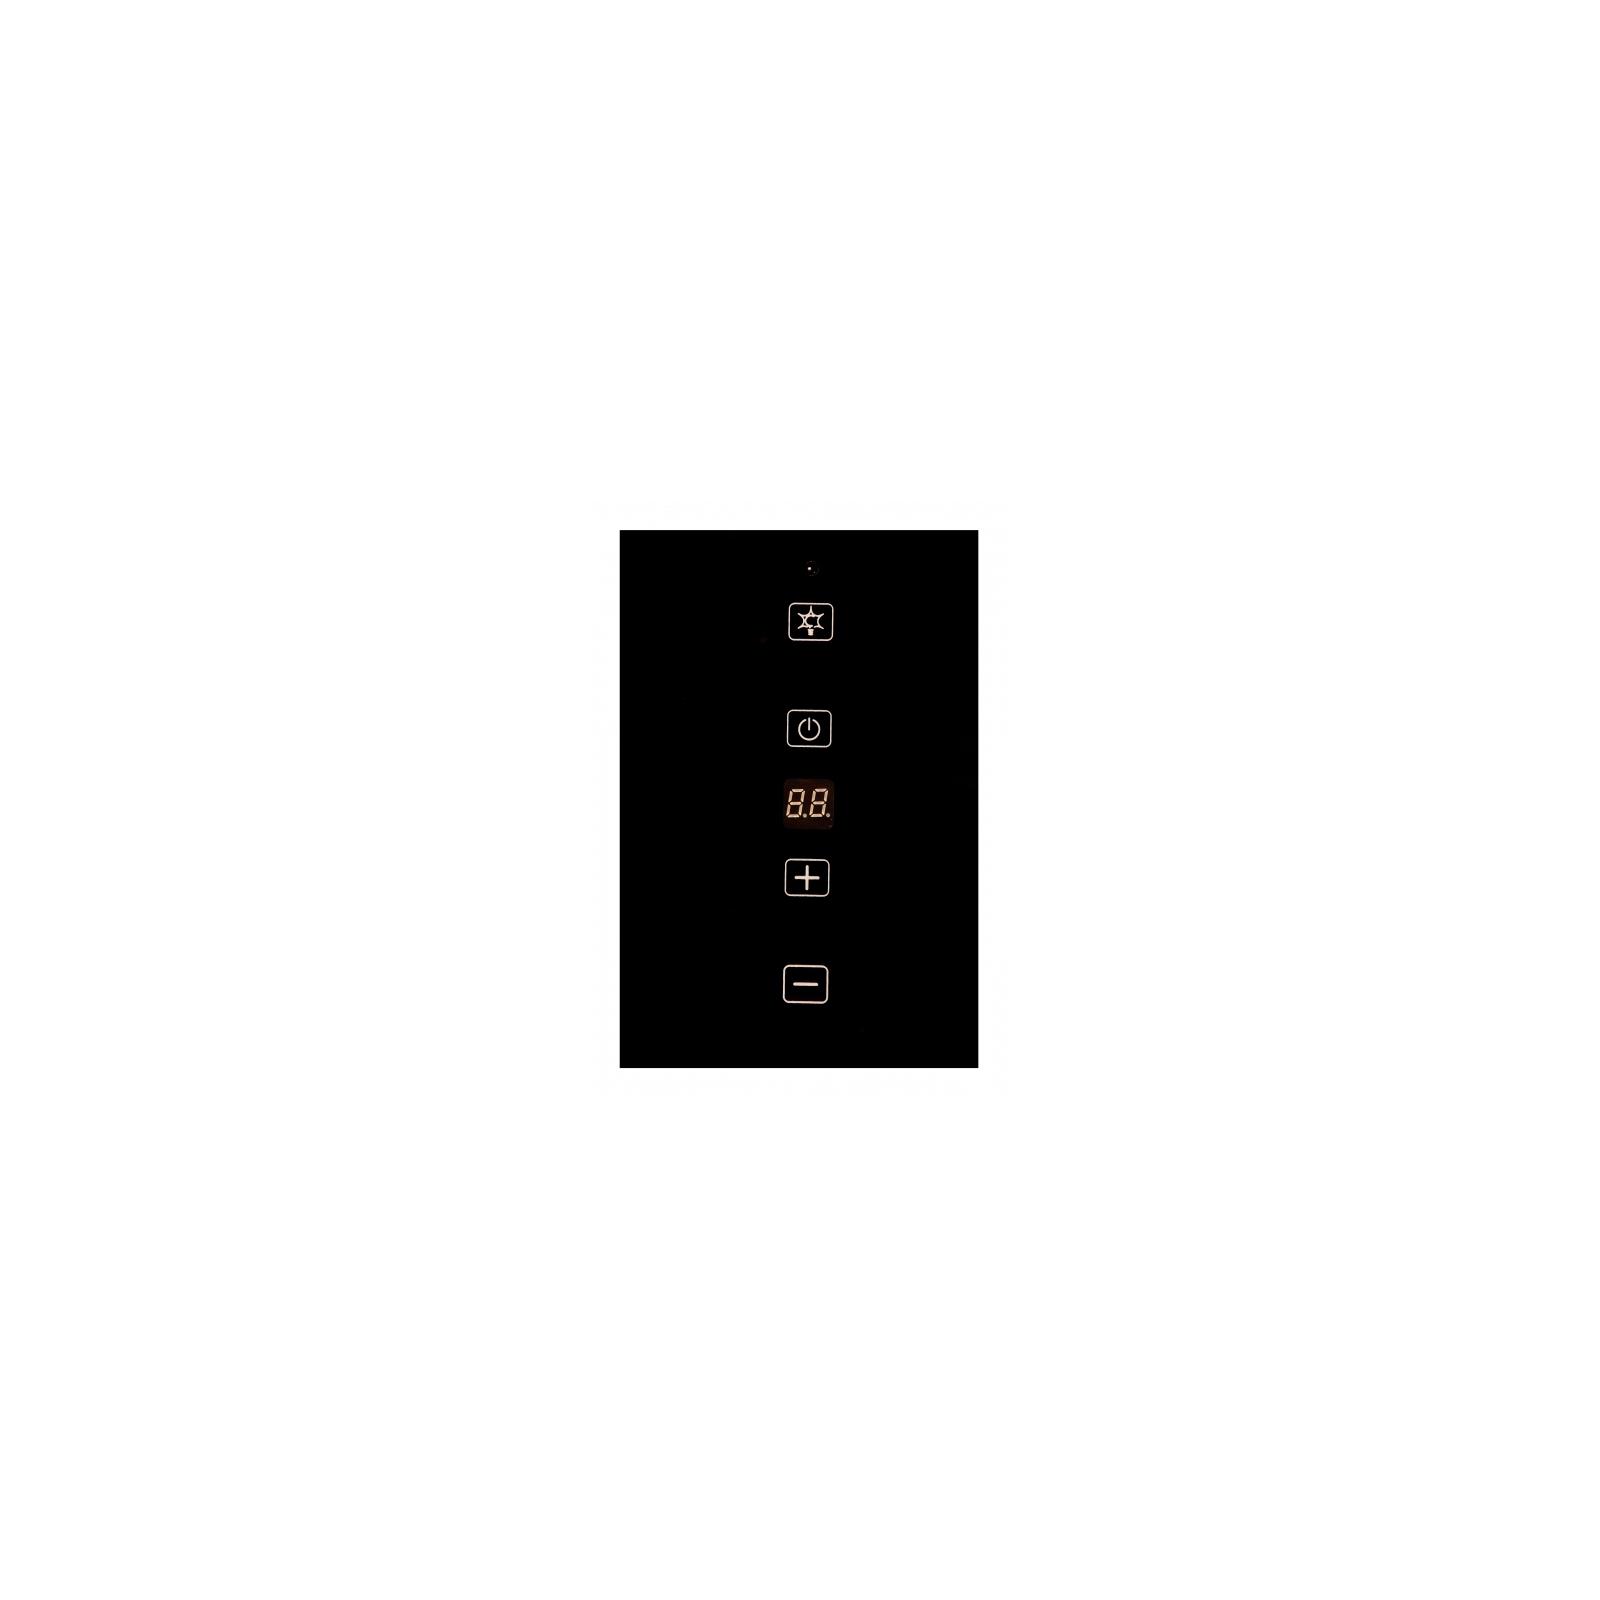 Вытяжка кухонная Eleyus Venera A 750 60 BG изображение 4